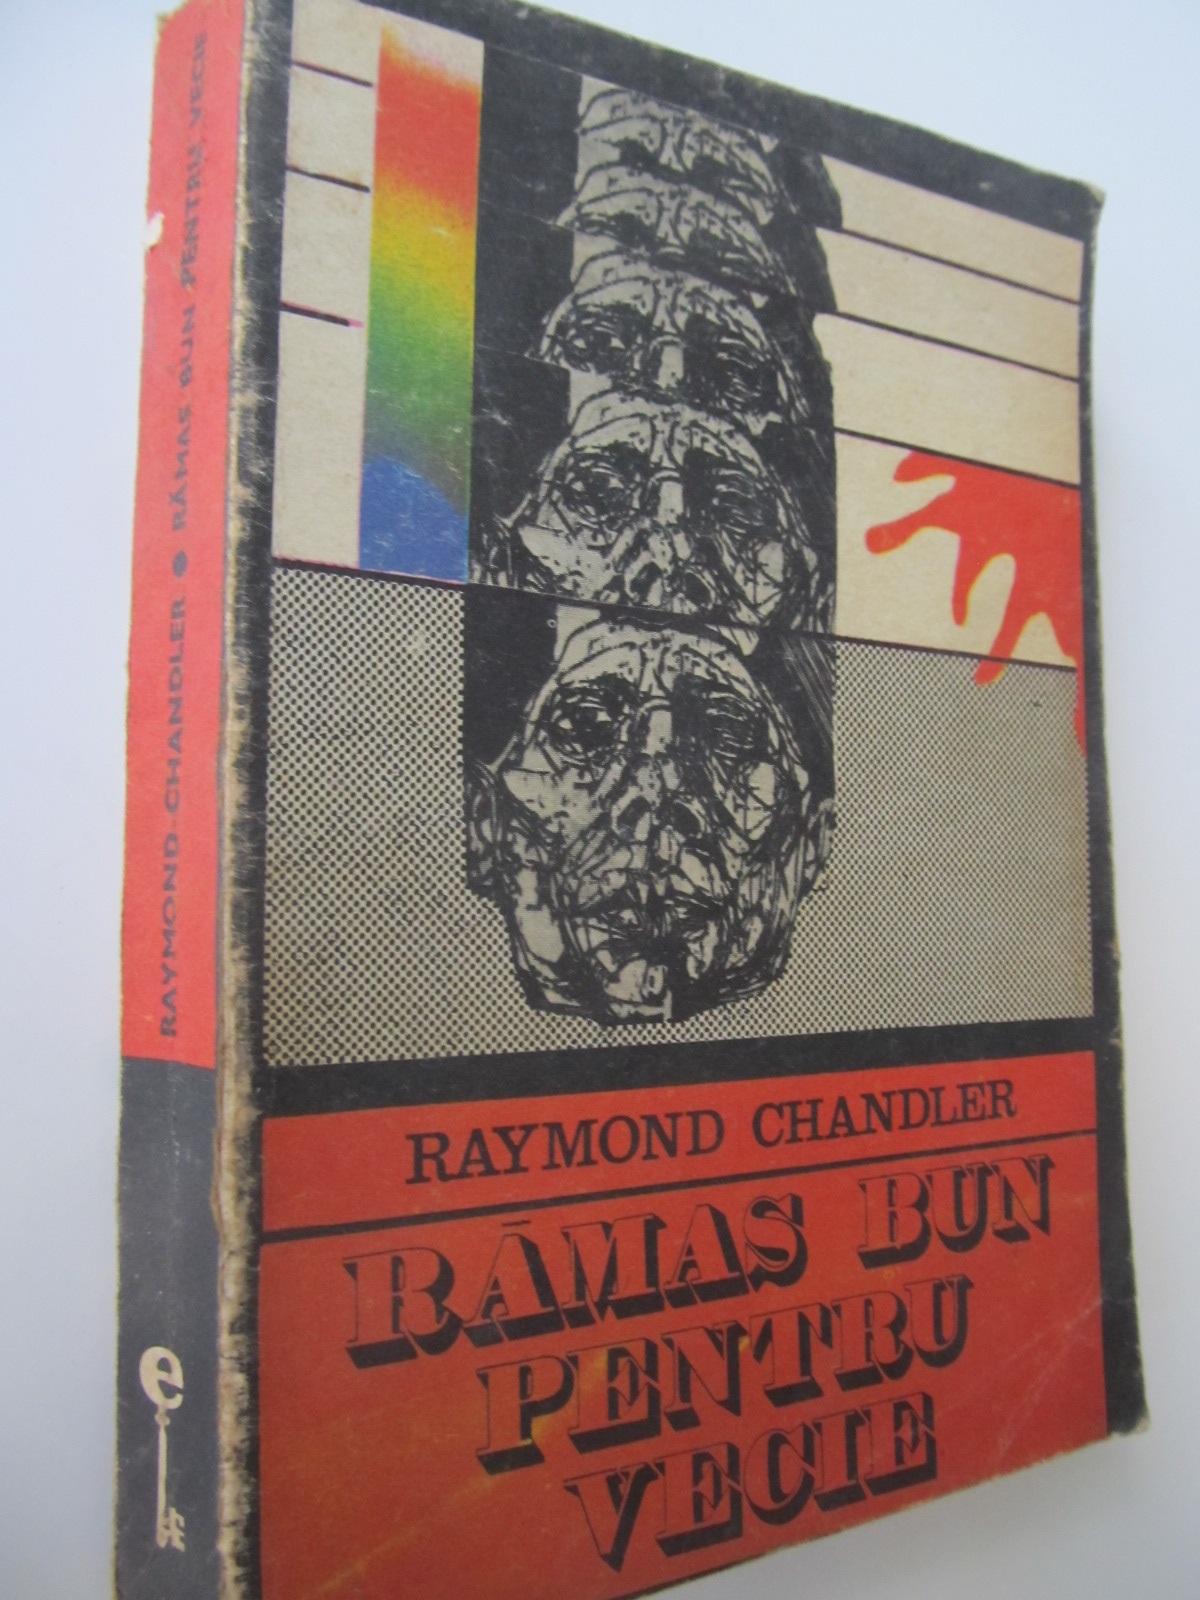 Ramas bun pentru vecie - Raymond Chandler | Detalii carte